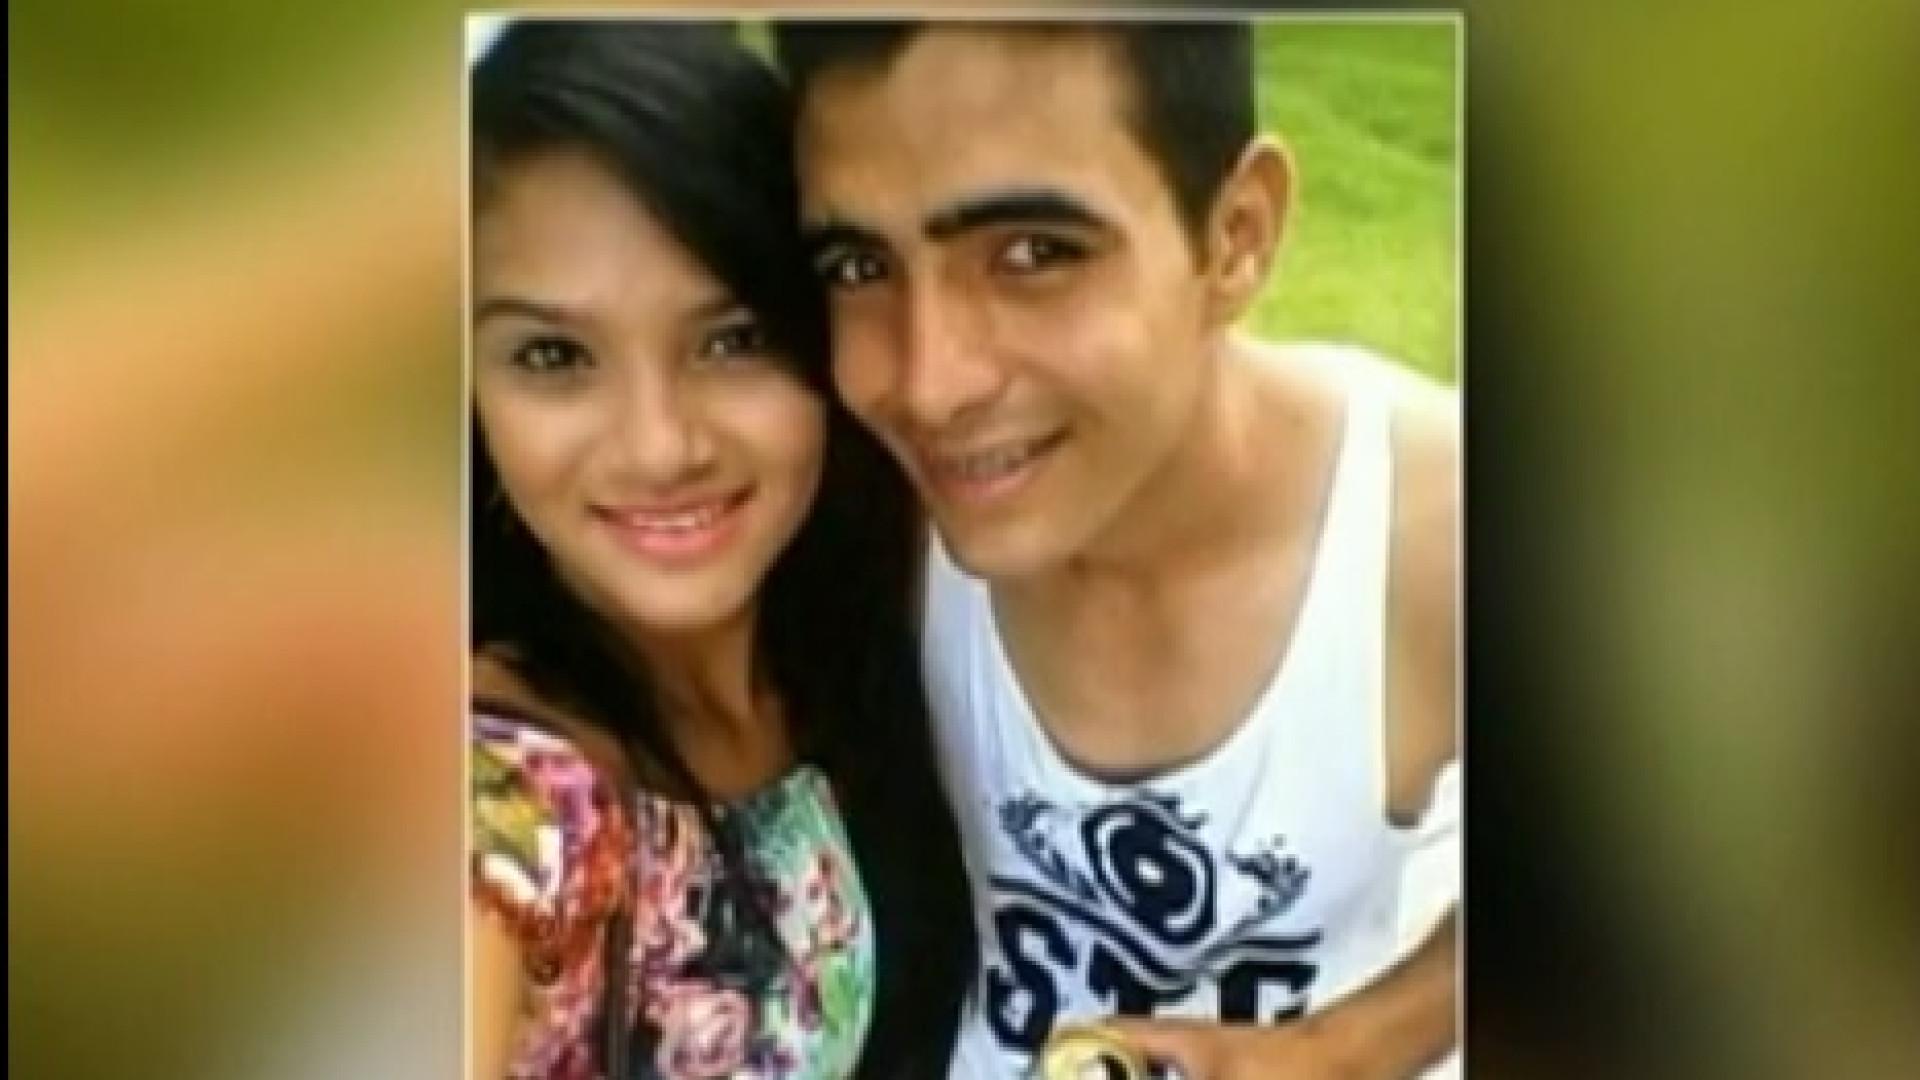 PM mata ex-namorada durante show sertanejo no Pará